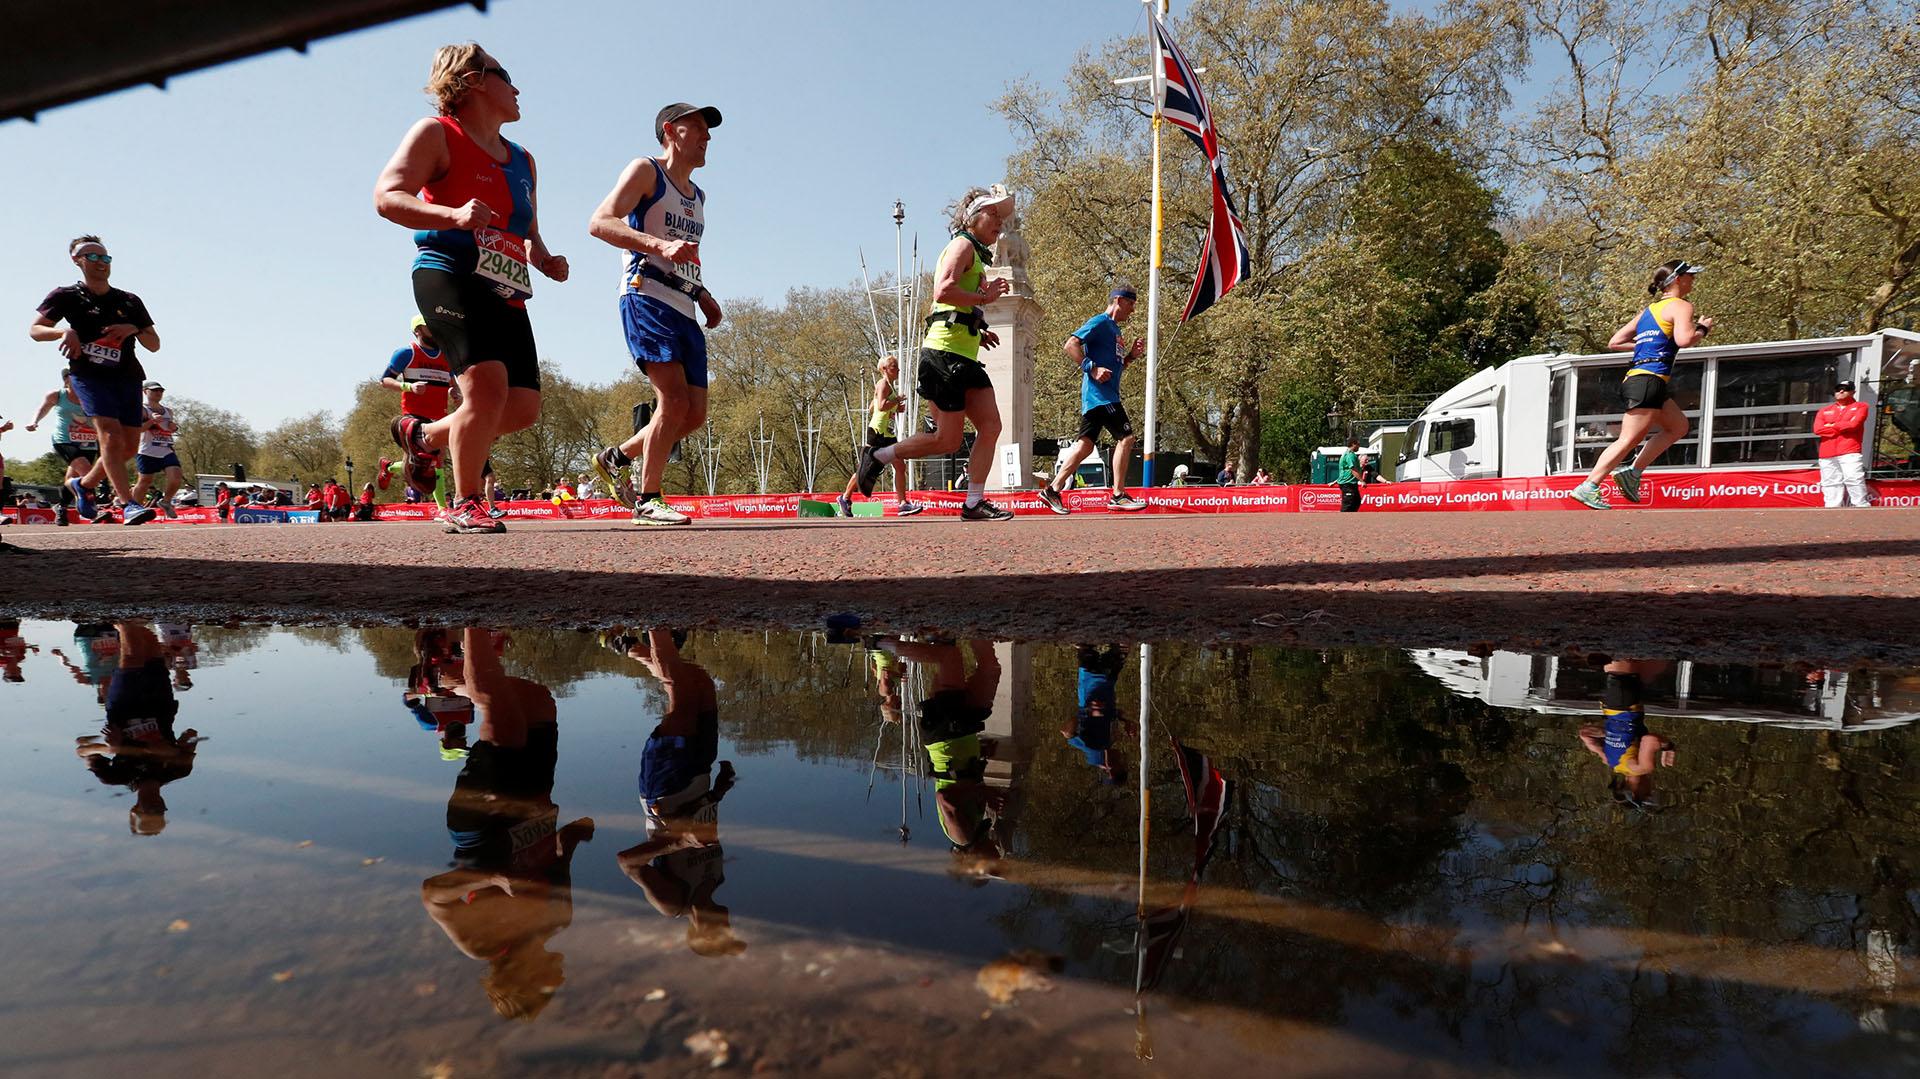 El maratón concluyó en The Mall, la avenida que une la céntrica plaza de Trafalgar con el Palacio de Buckingham